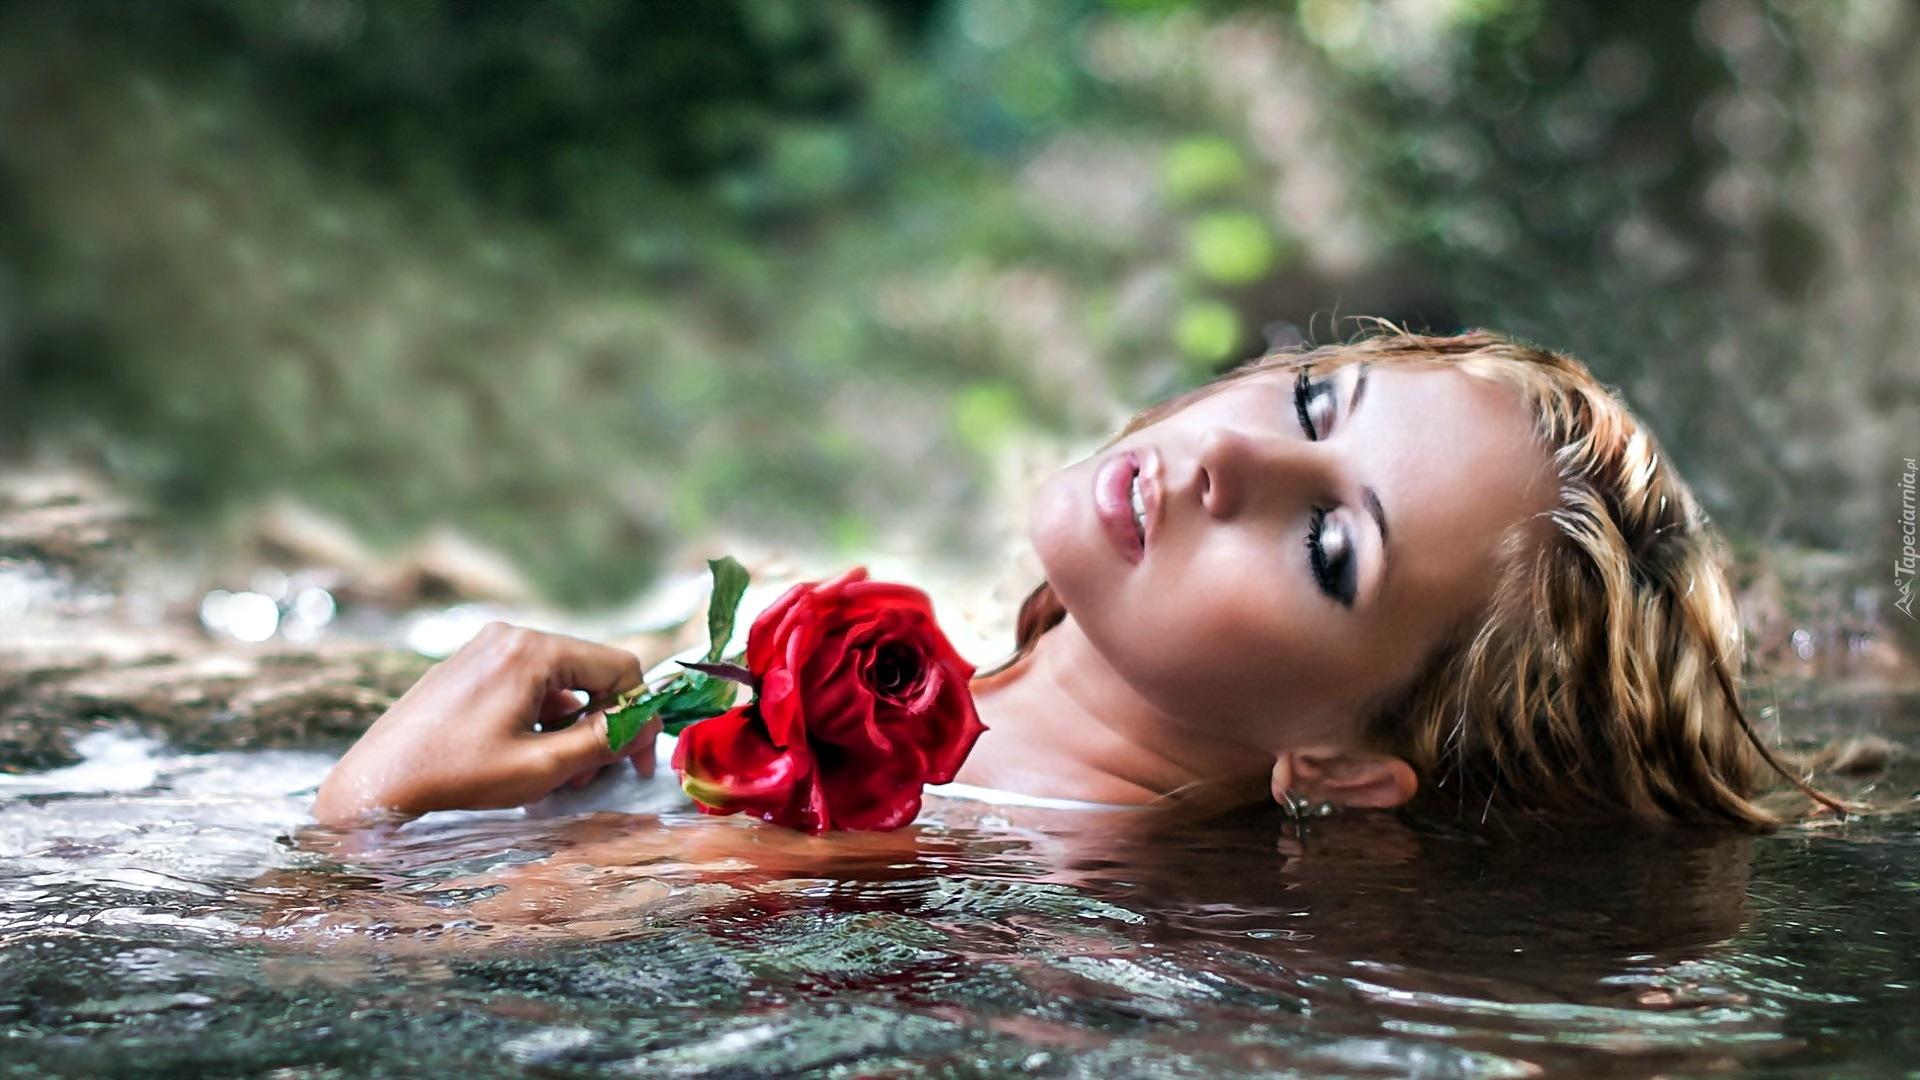 Kobieta, Z Różą, W Wodzie, Zbliżenie